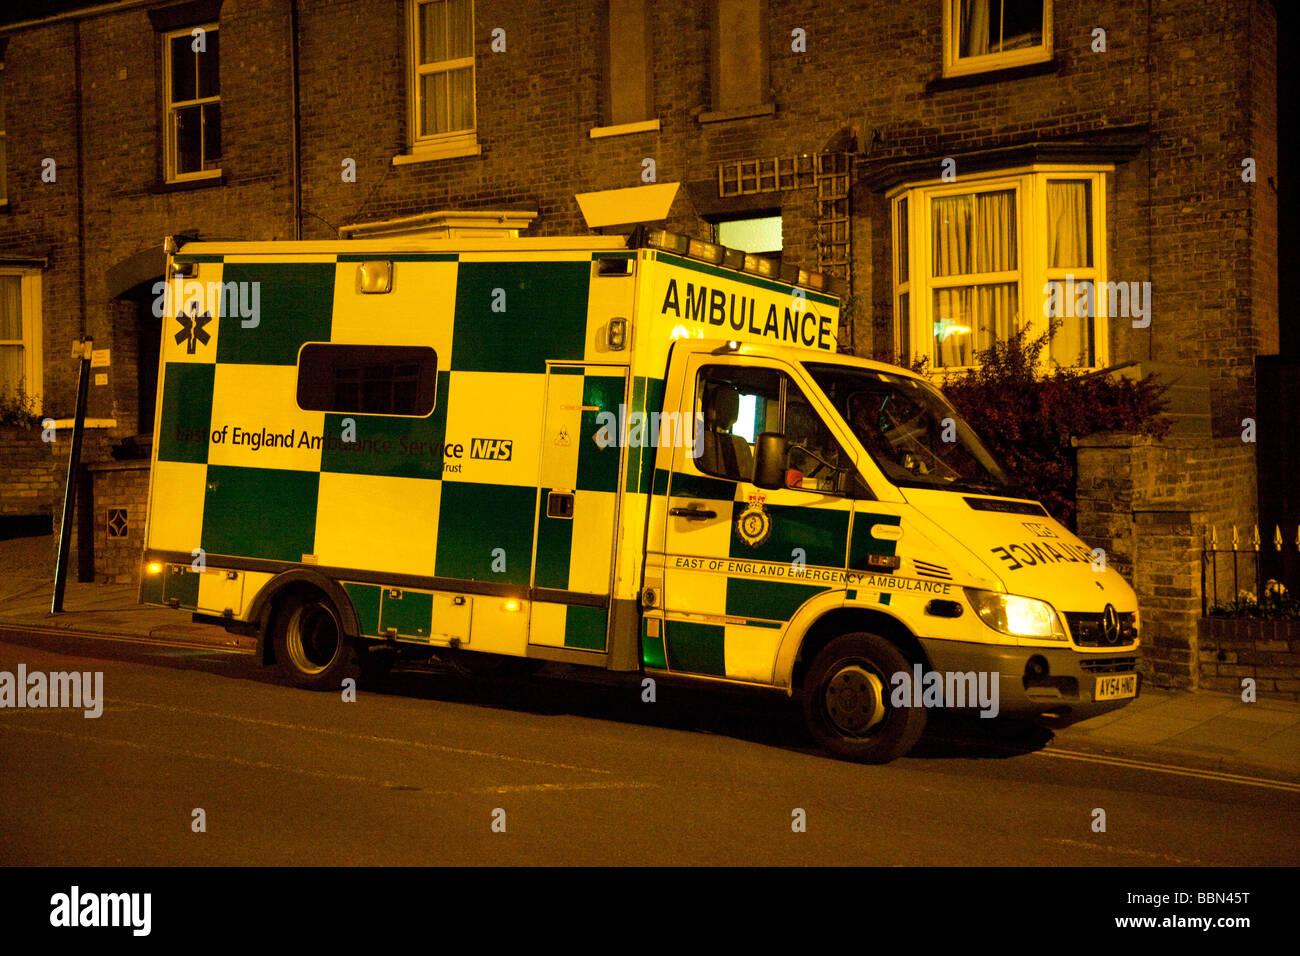 parked ambulance at night, UK - Stock Image